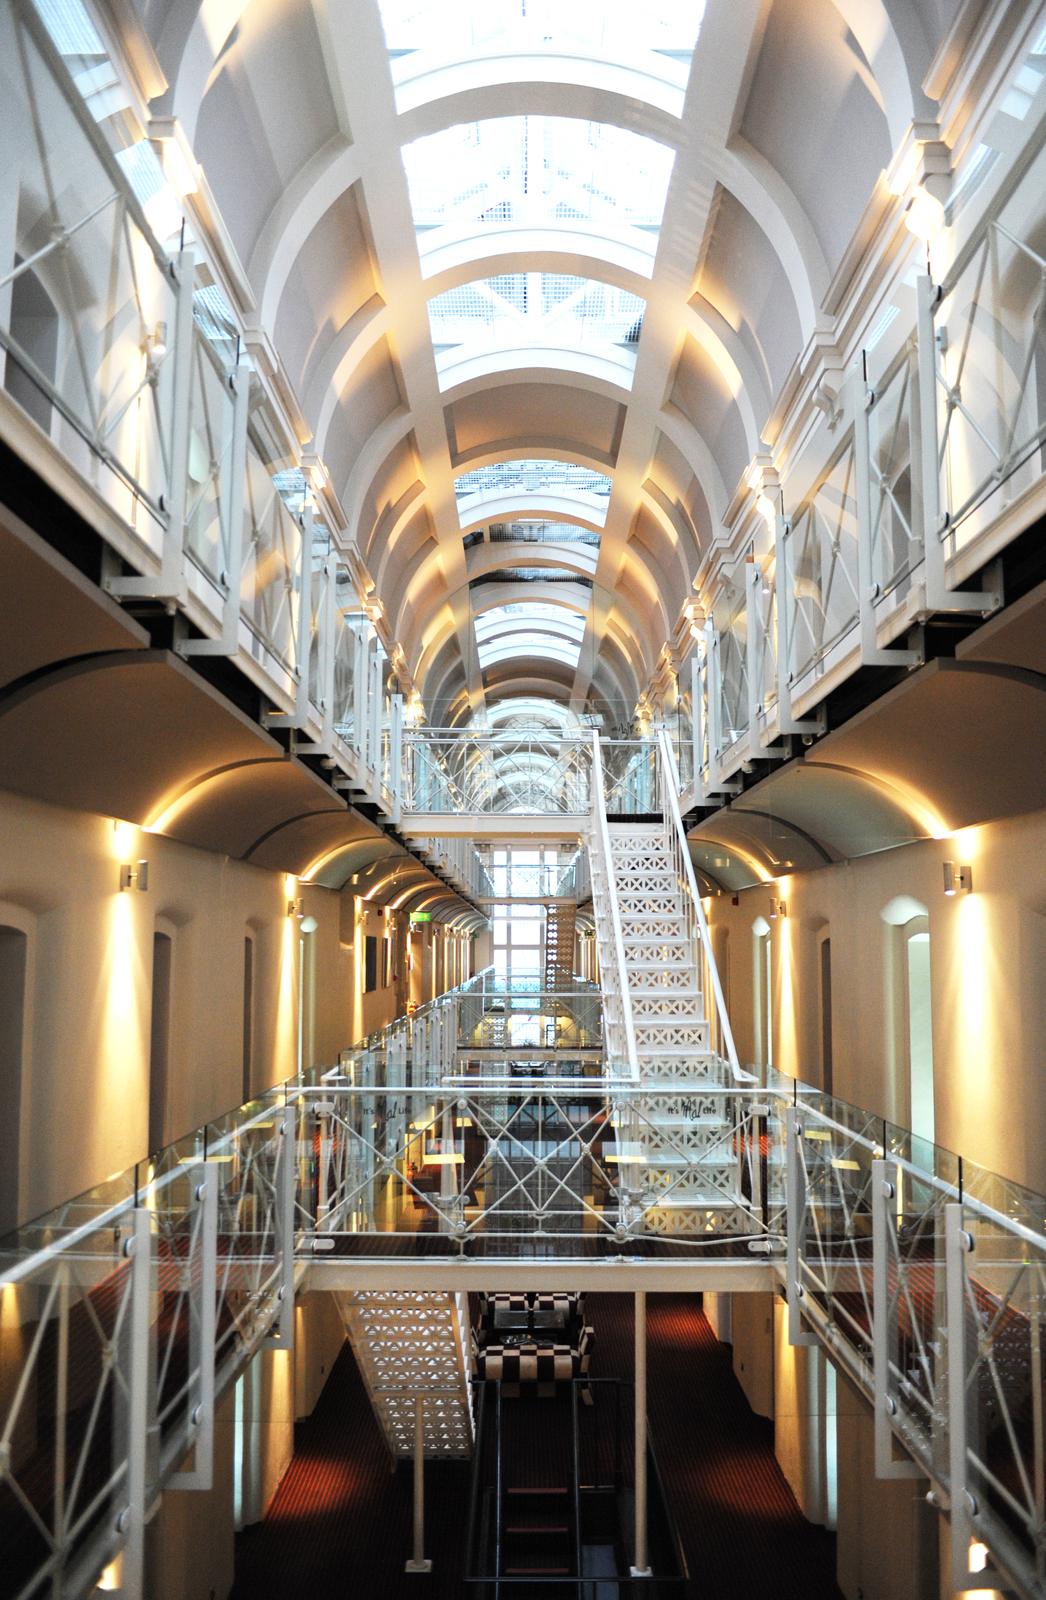 La prisión que fué convertida en hotel: Malmaison Oxfordhotel